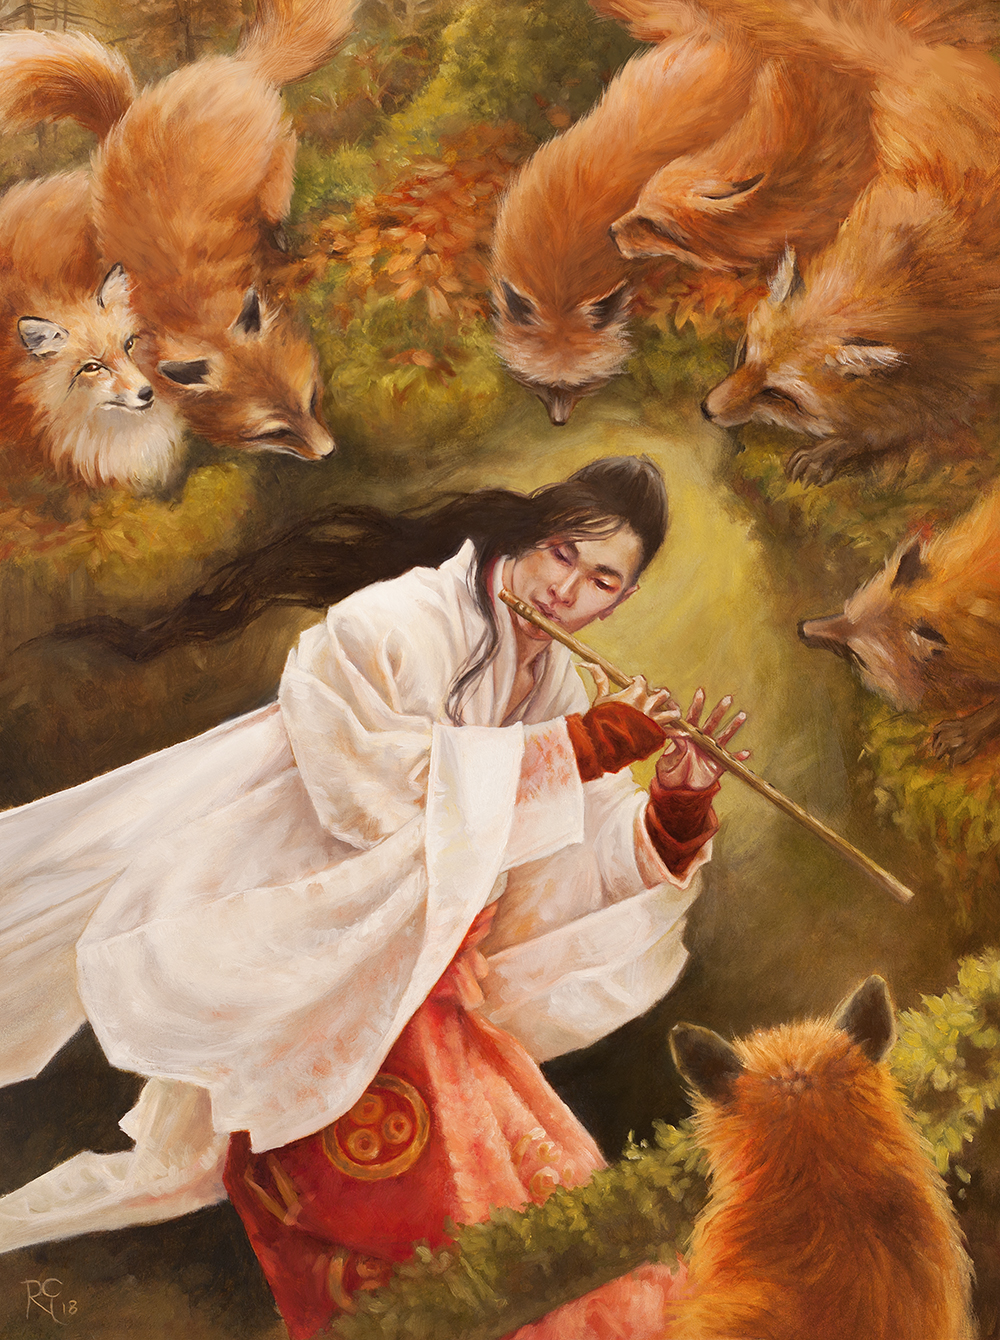 kitsune_pcarpenter_port.jpg